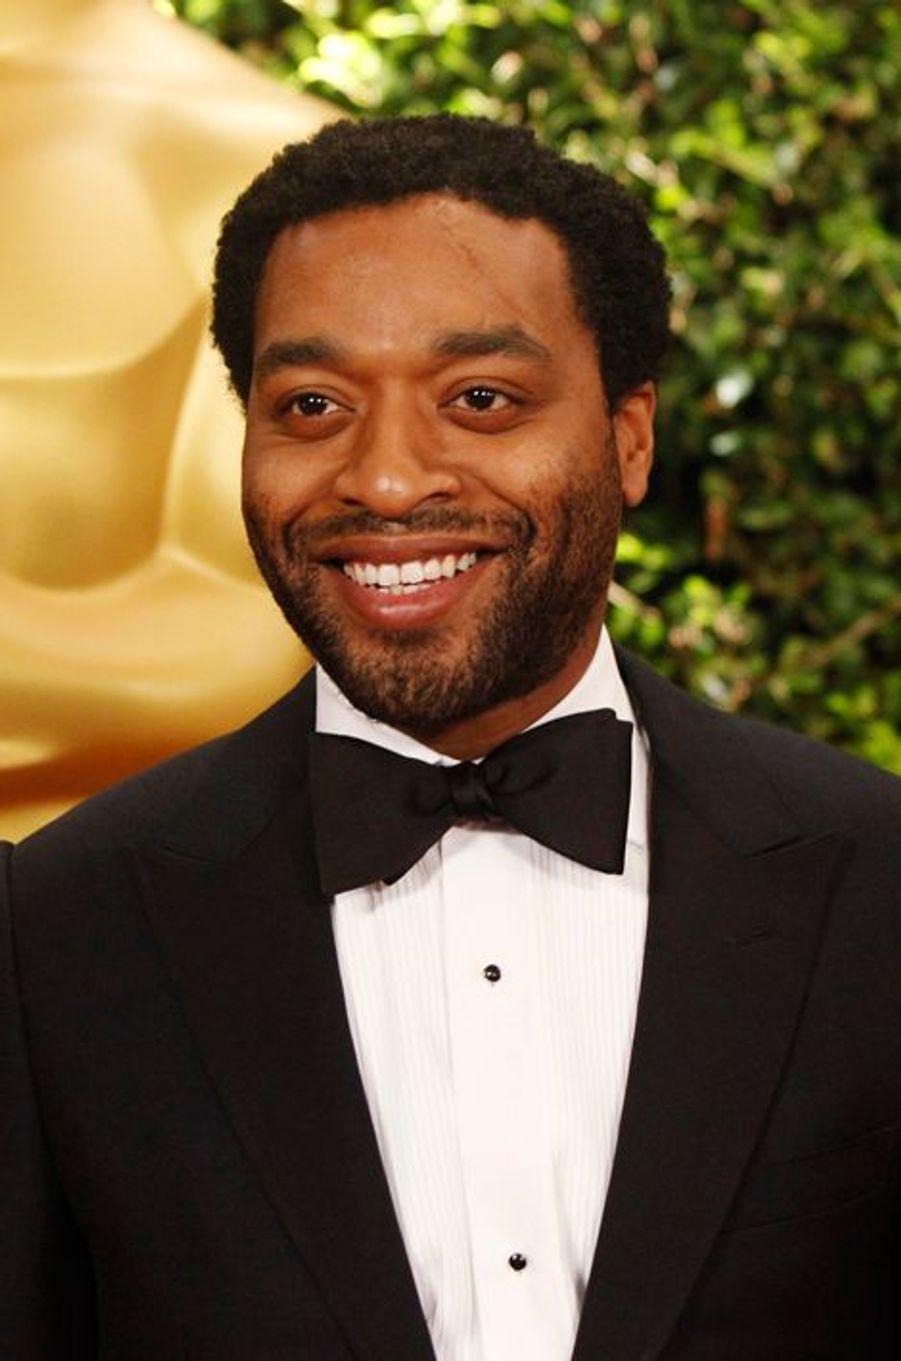 """C'est pour son rôle dans """"Twelve Years a Slave"""" que Chiwetel Ejiofor a été nommé meilleur acteur aux Oscars 2014"""